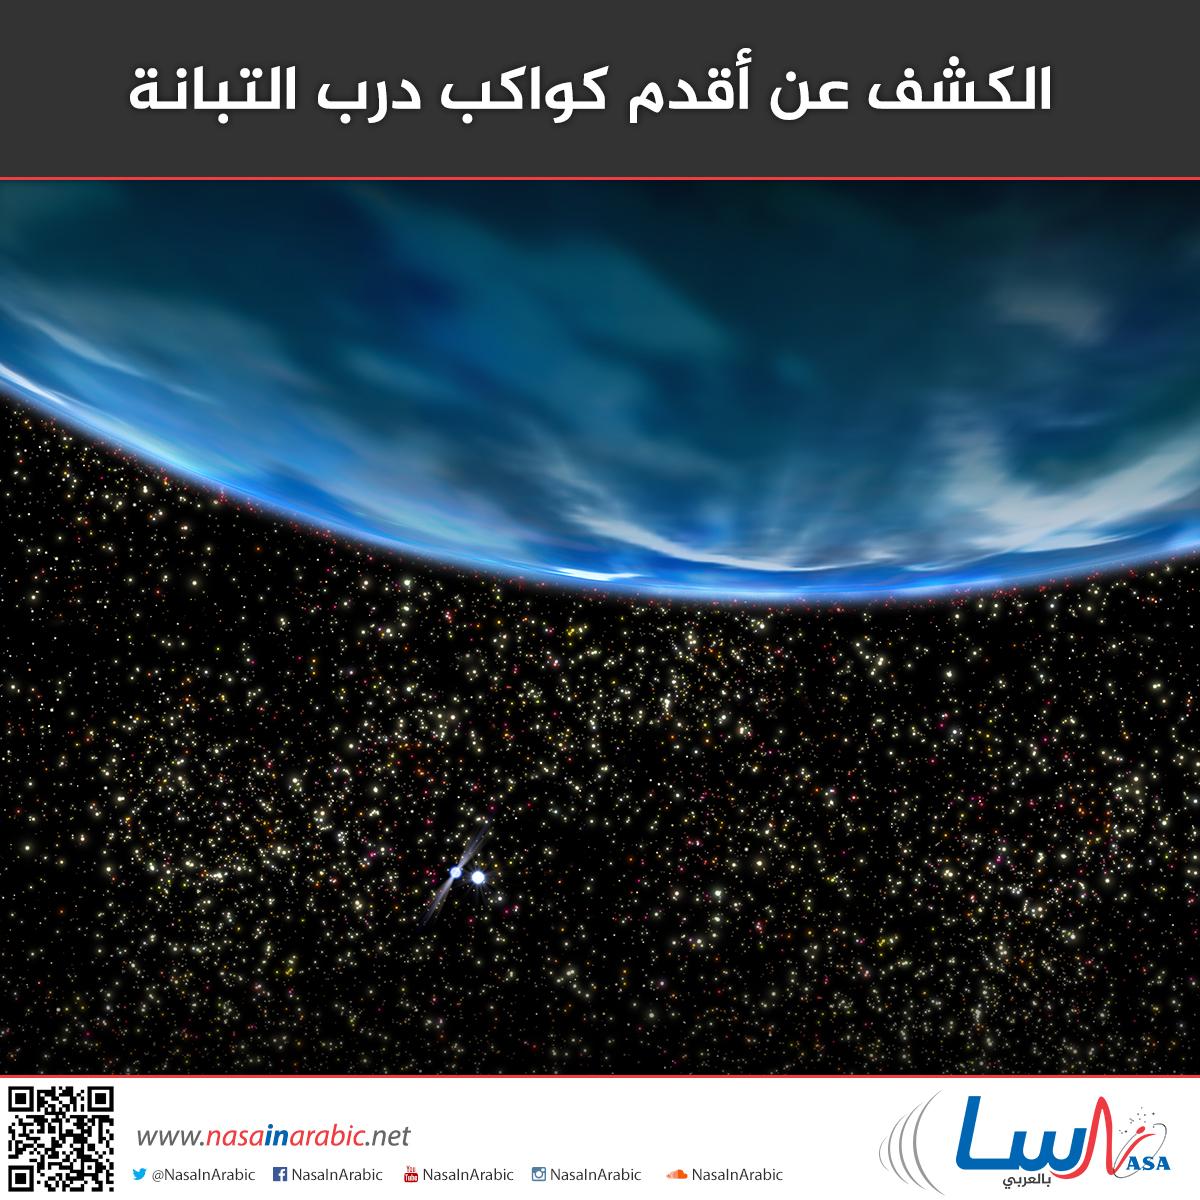 الكشف عن أقدم كواكب درب التبانة